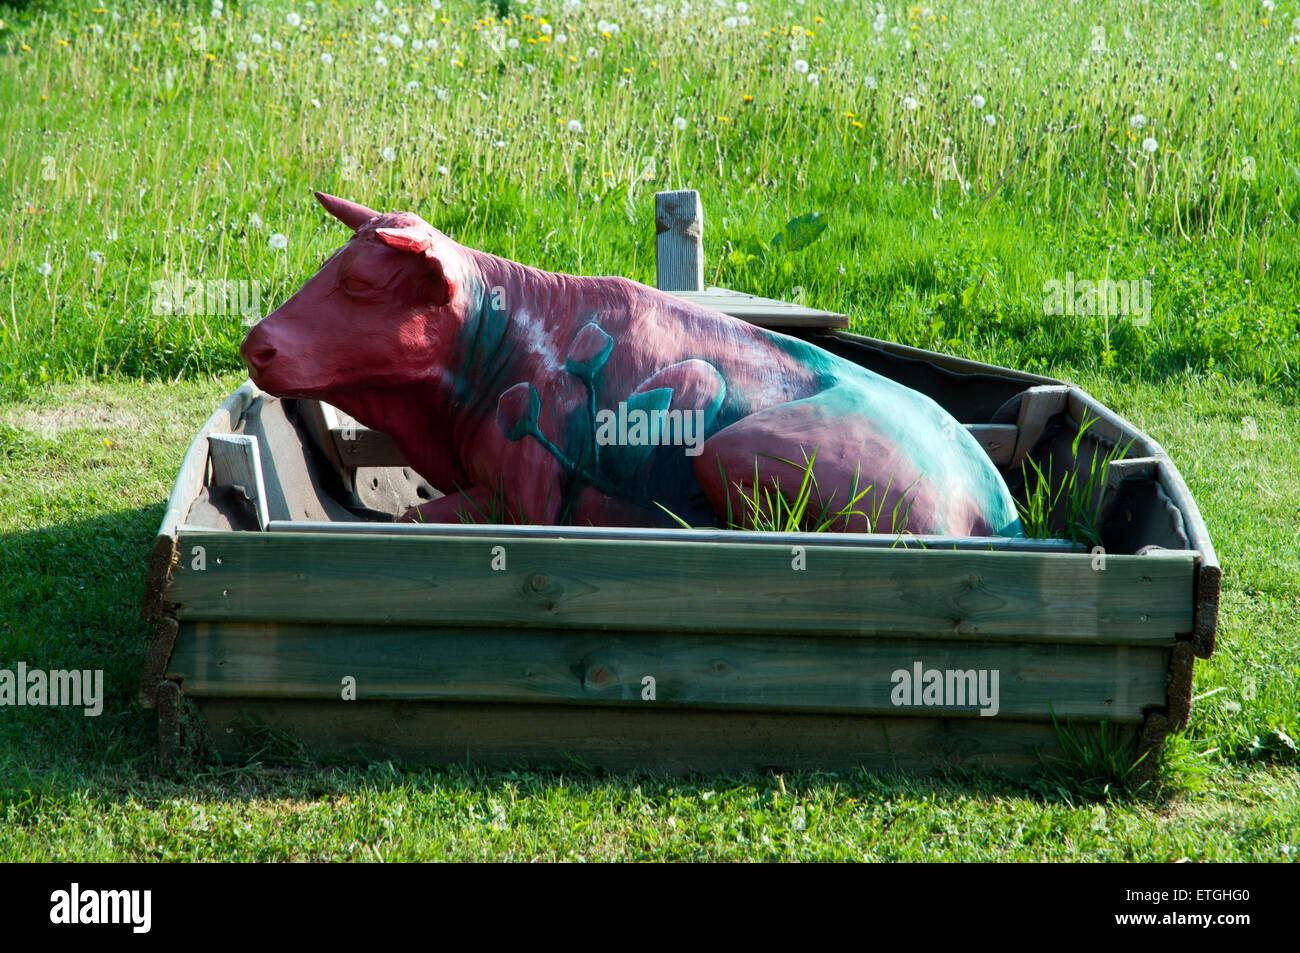 Kunst-Projekt, das papier Pappmaché Kuh aus liegt in einem Boot auf einer Wiese Stockbild